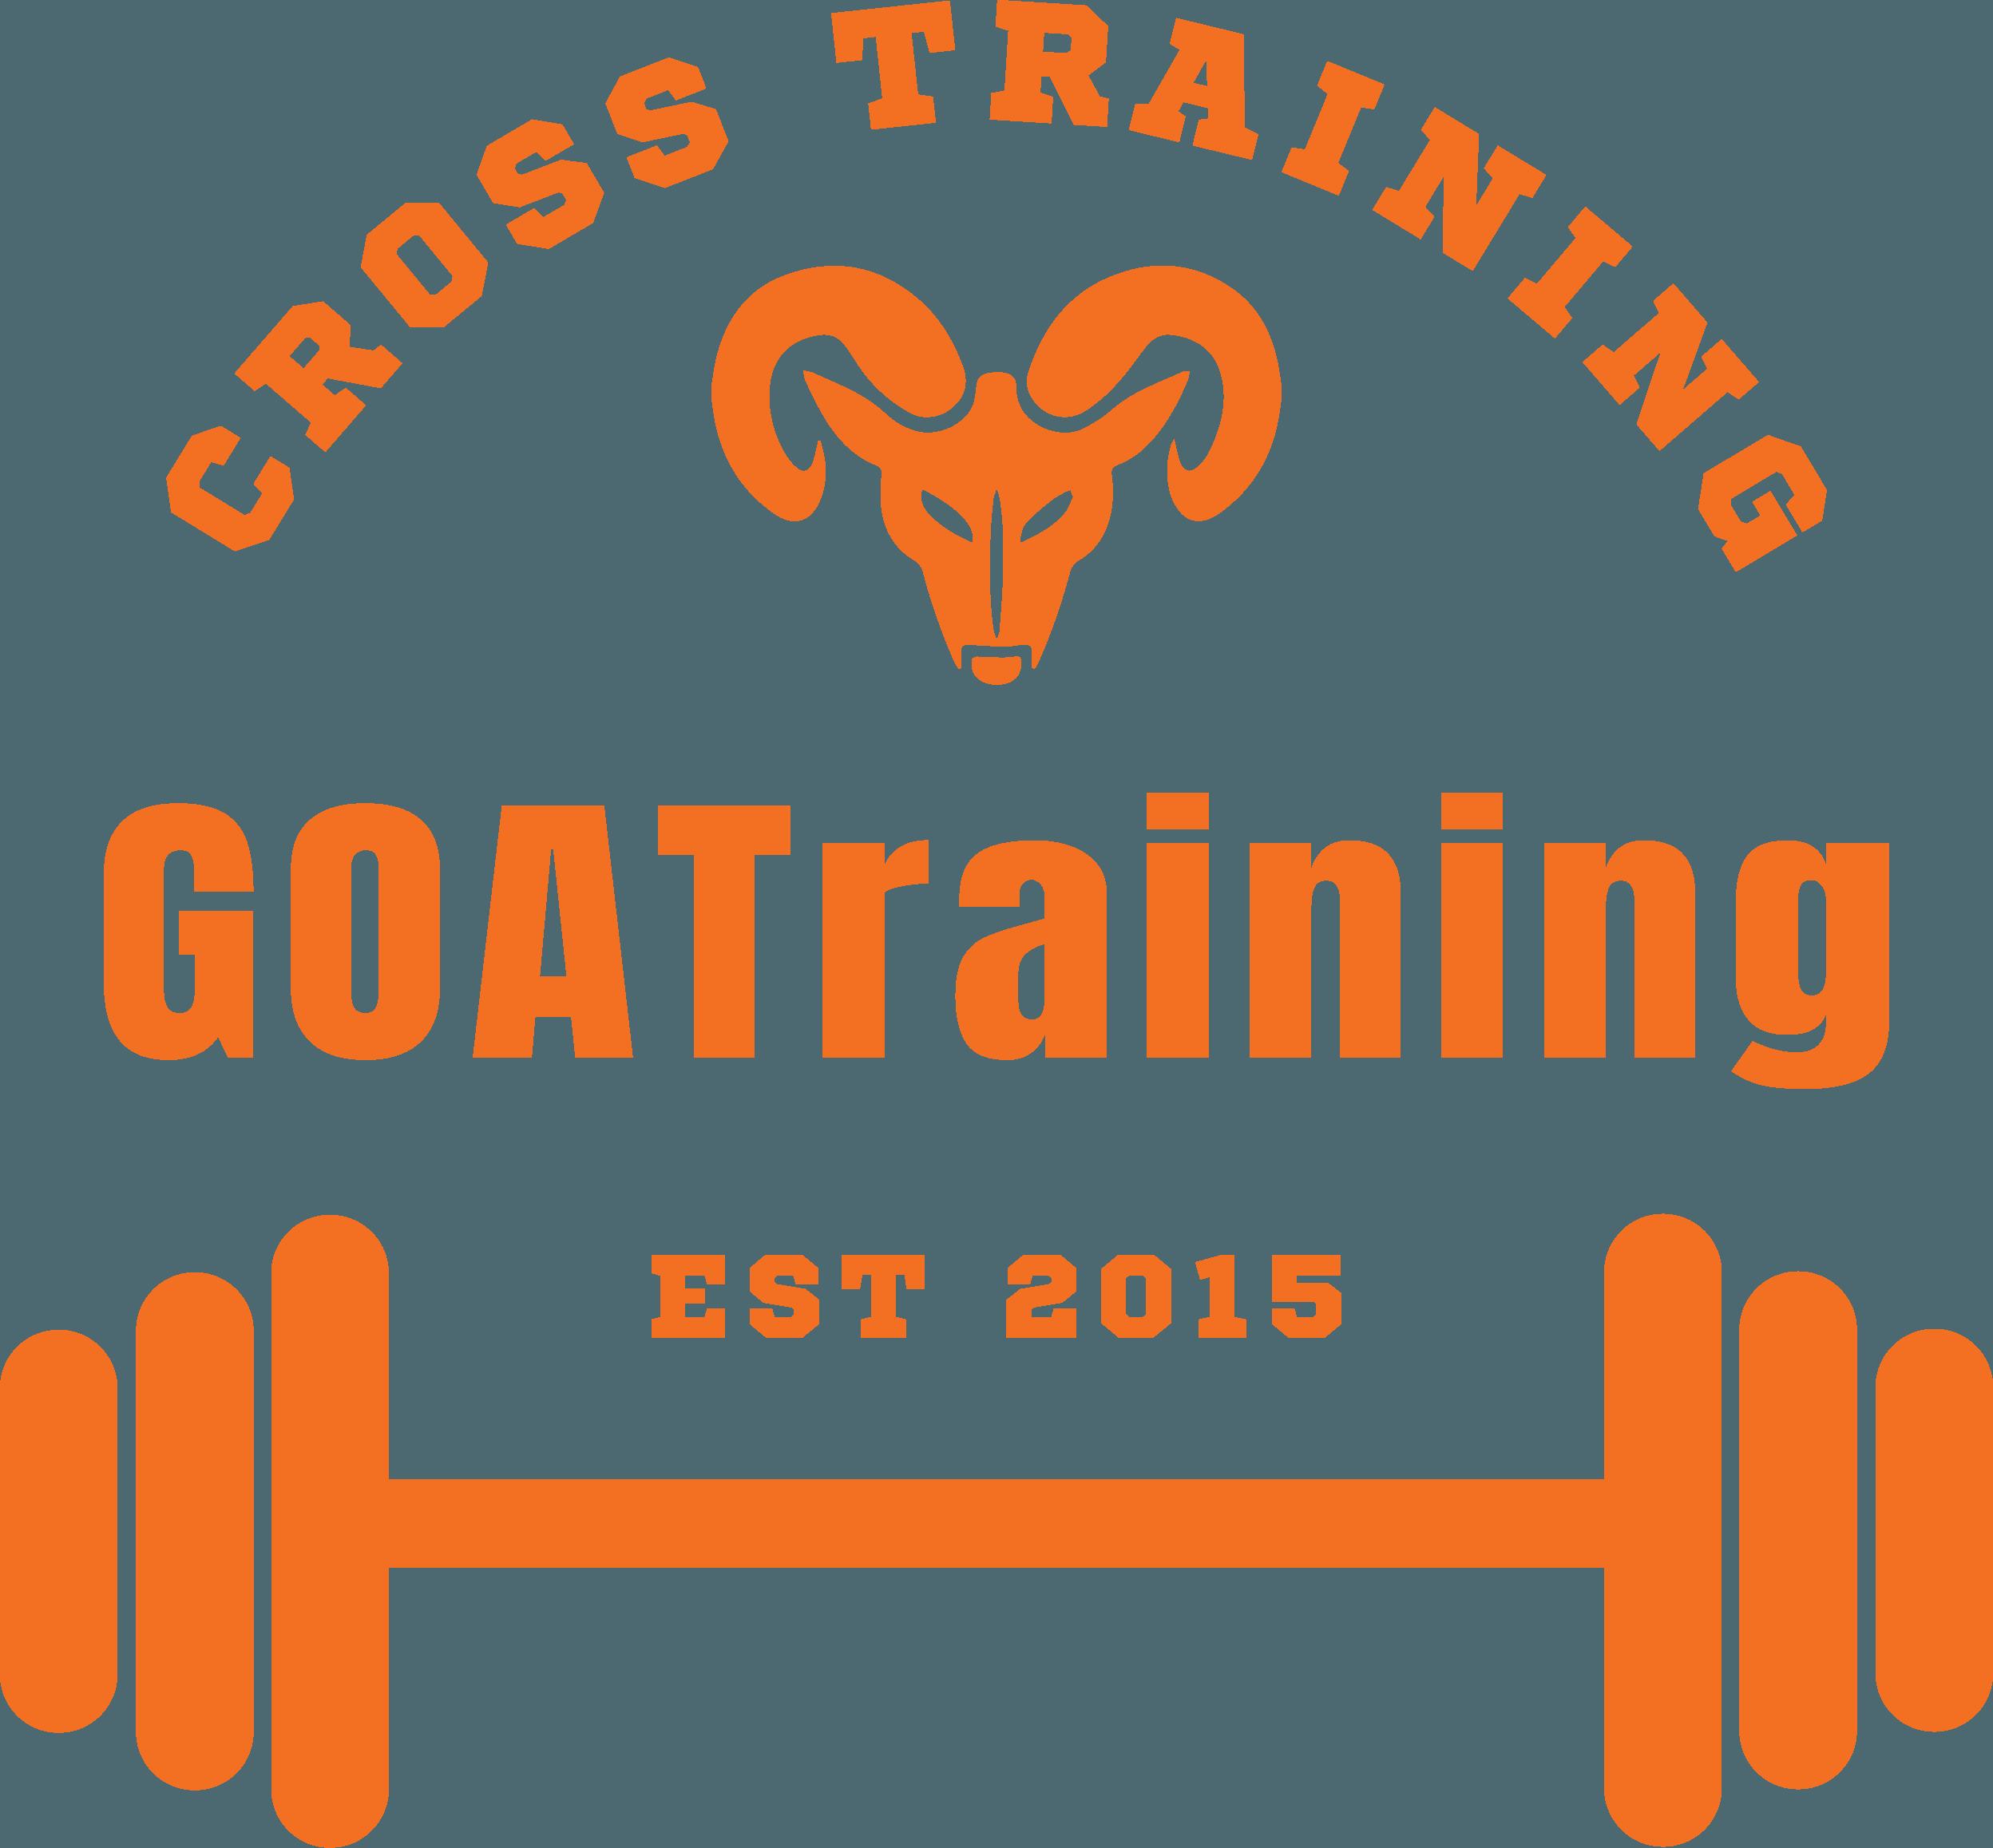 Goatraining